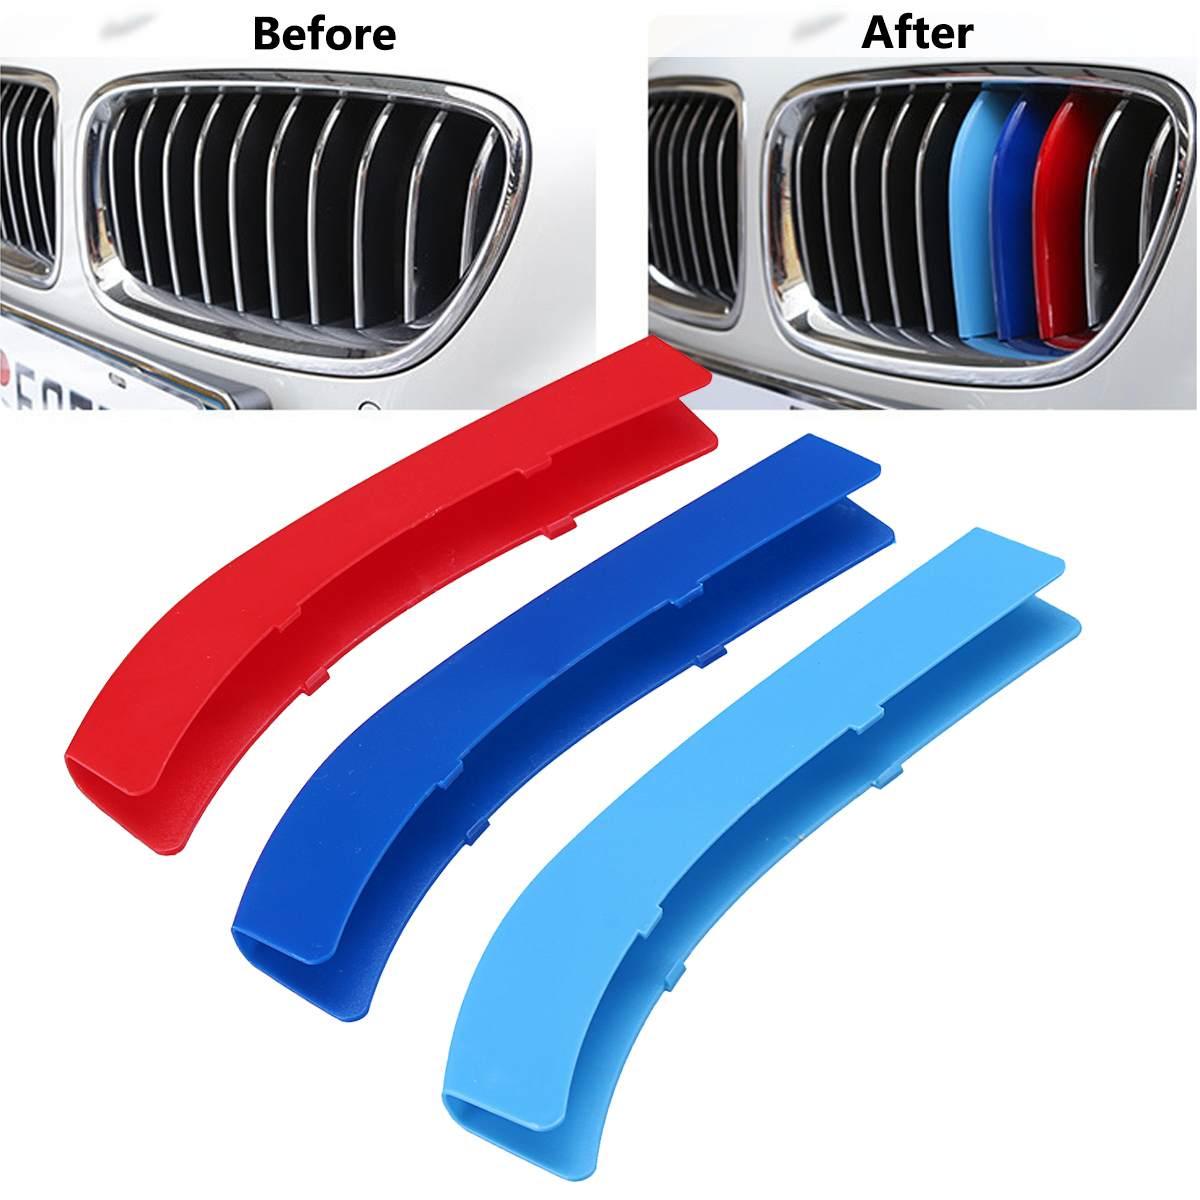 3 uds coche Calcomanía para parrilla de recorte cubierta para BMW 1 3 5 serie F30 F31 X5 X6 E90 E91 F10 F11 F18 E60 E61 E70 E84 F48 F20 F21